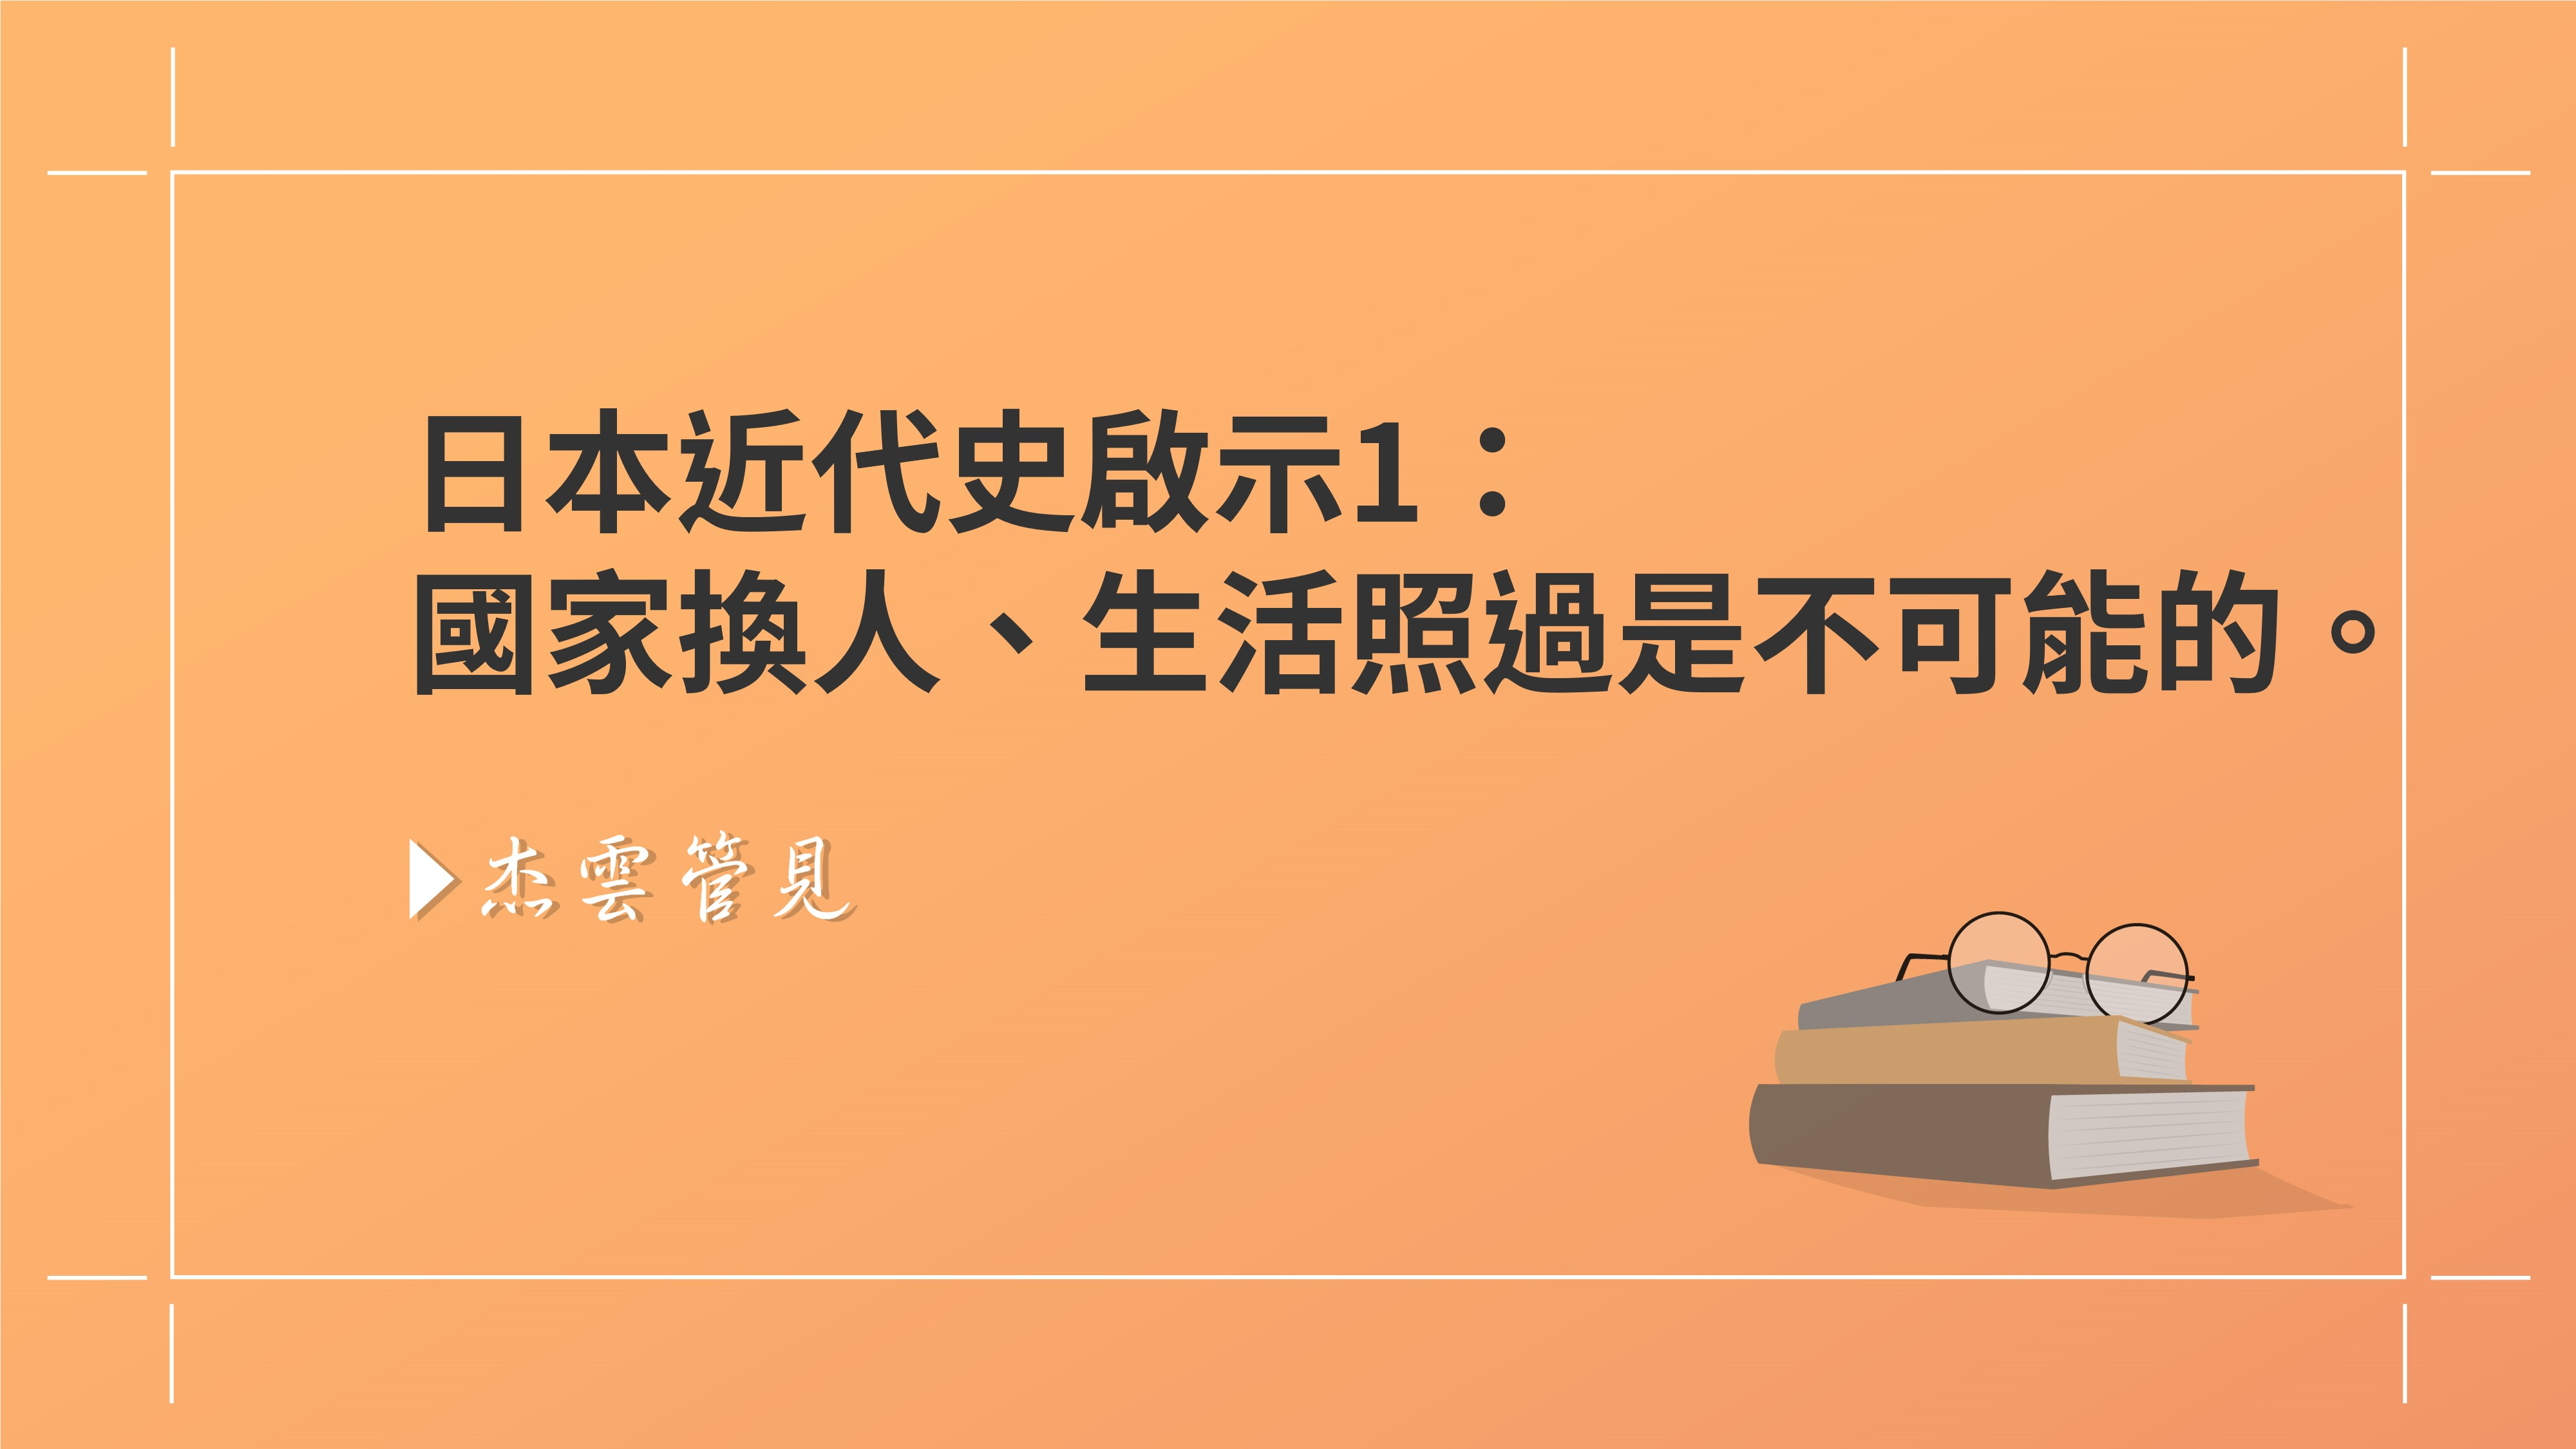 日本近代史的啟示一:國家換人、生活照過是不可能的。